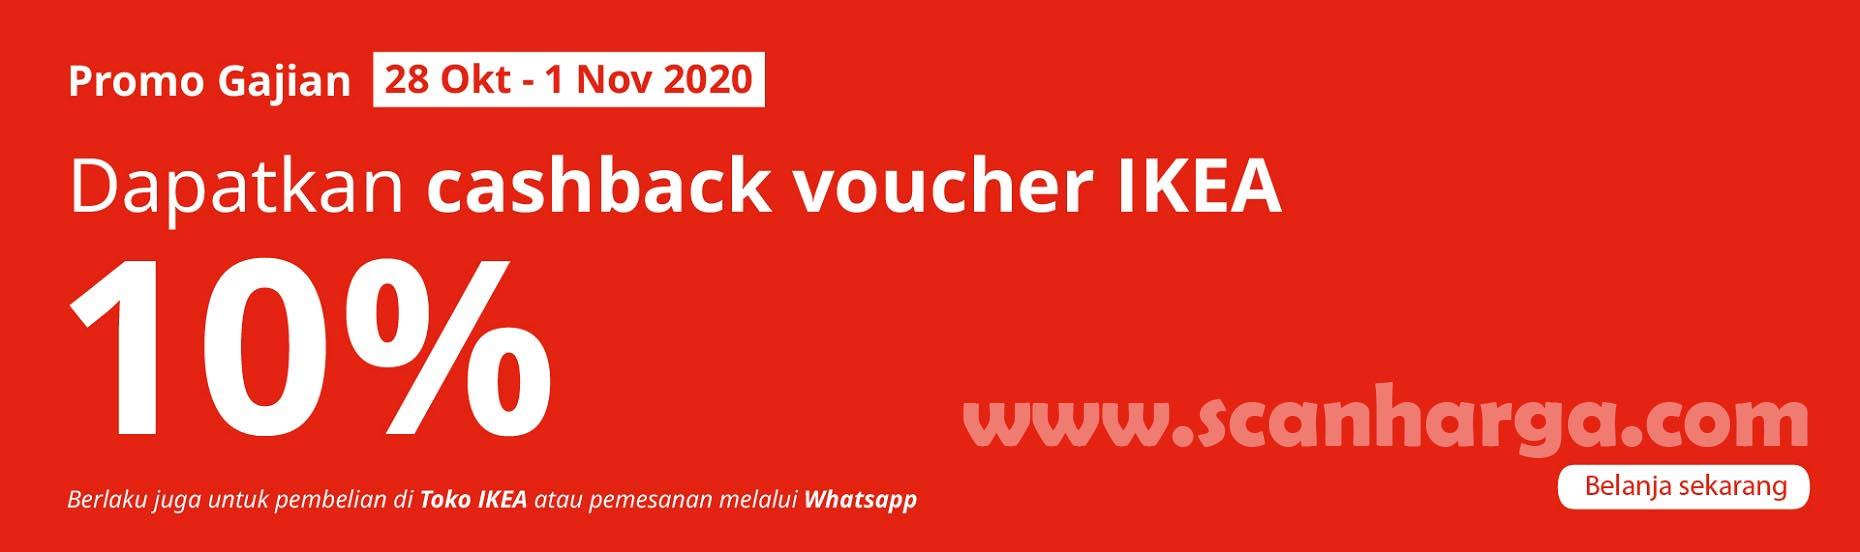 IKEA Payday Promo Gajian - Dapatkan Voucher Cashback 10%*